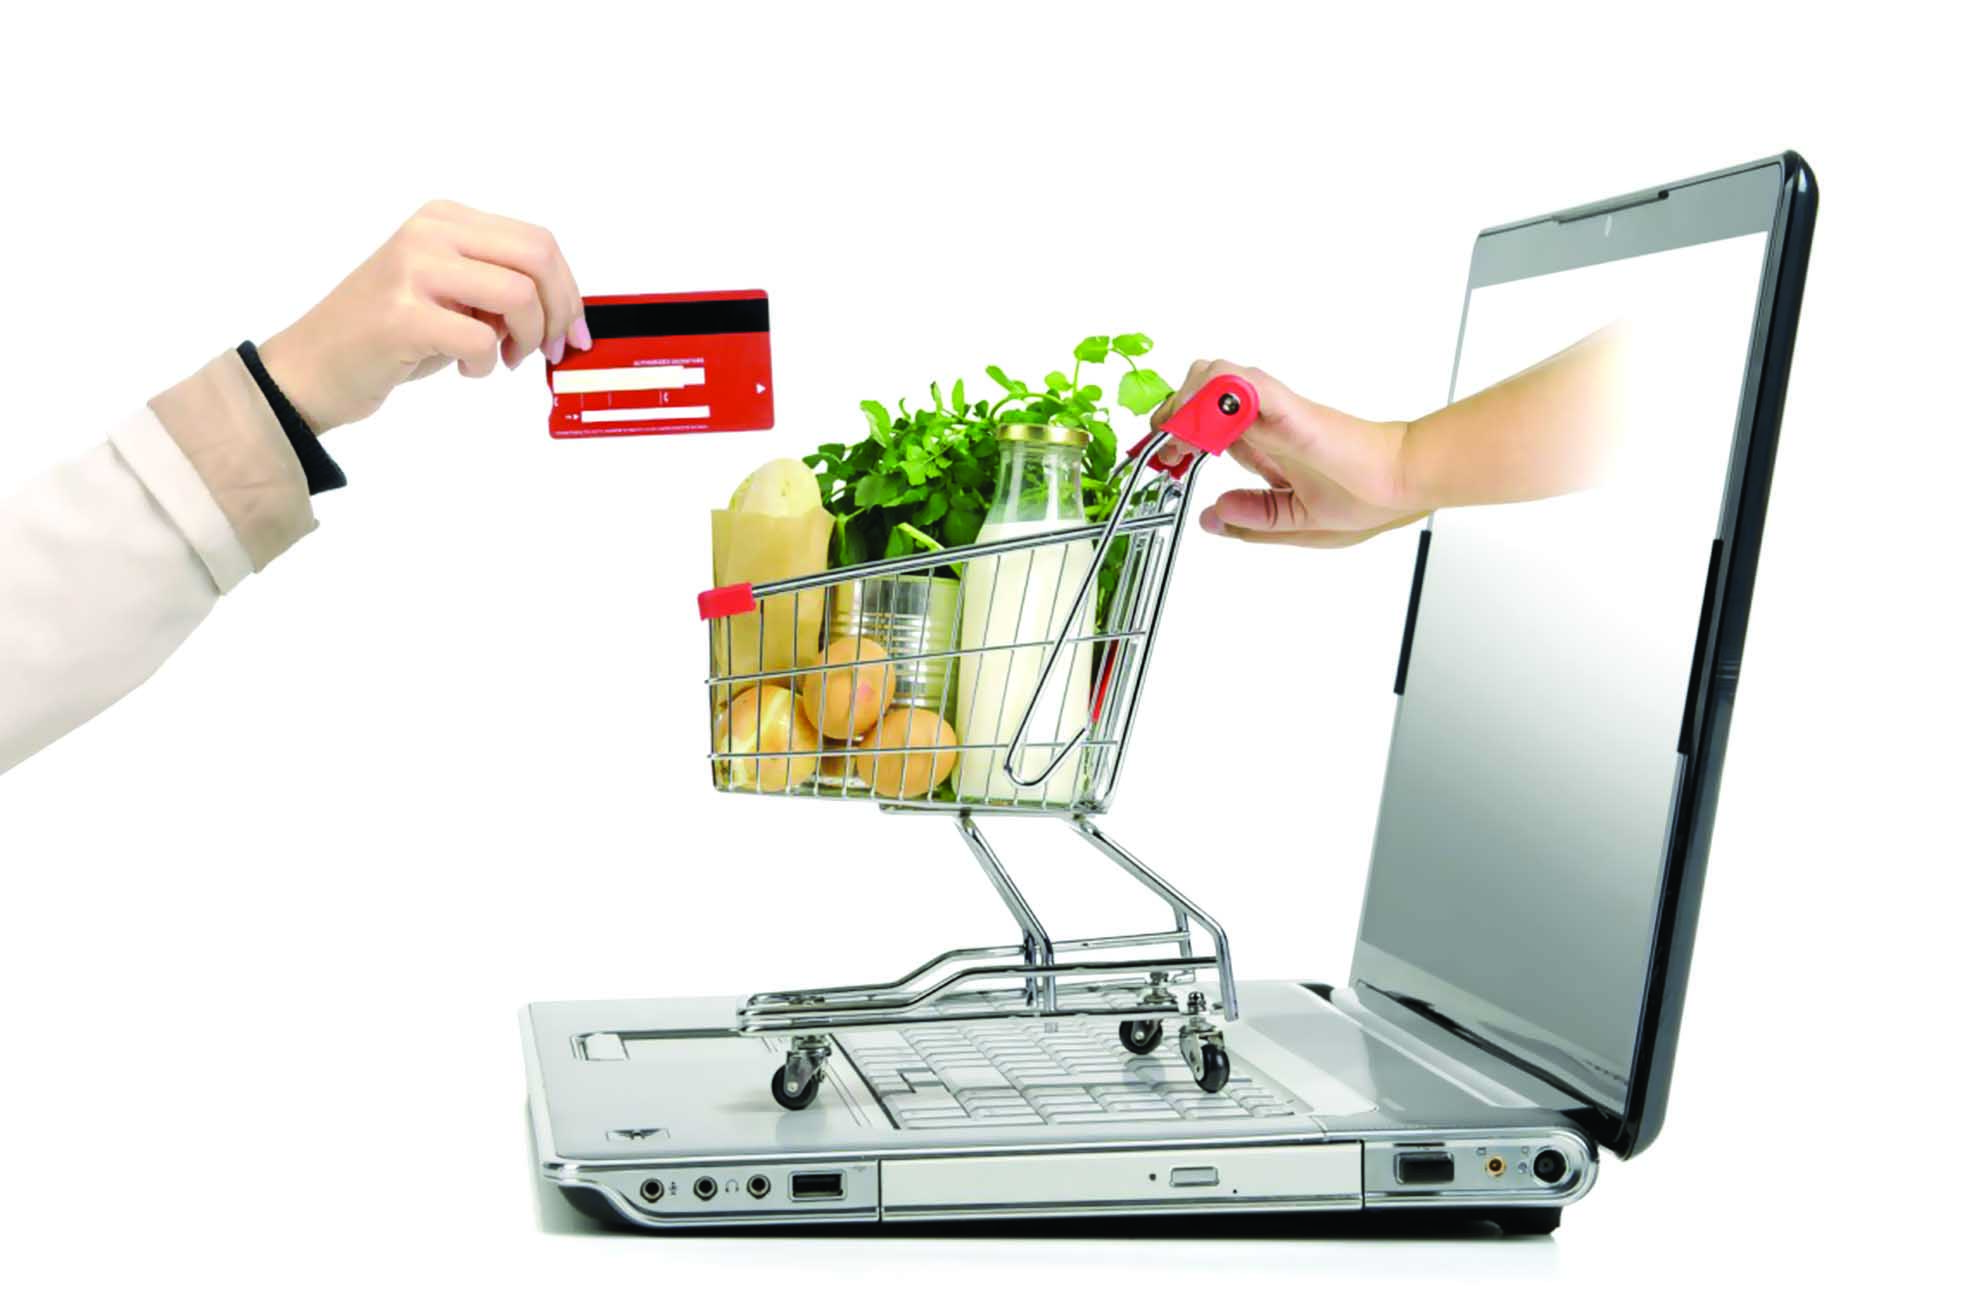 لماذا اتجه الناس إلىالتسوق الإلكتروني؟